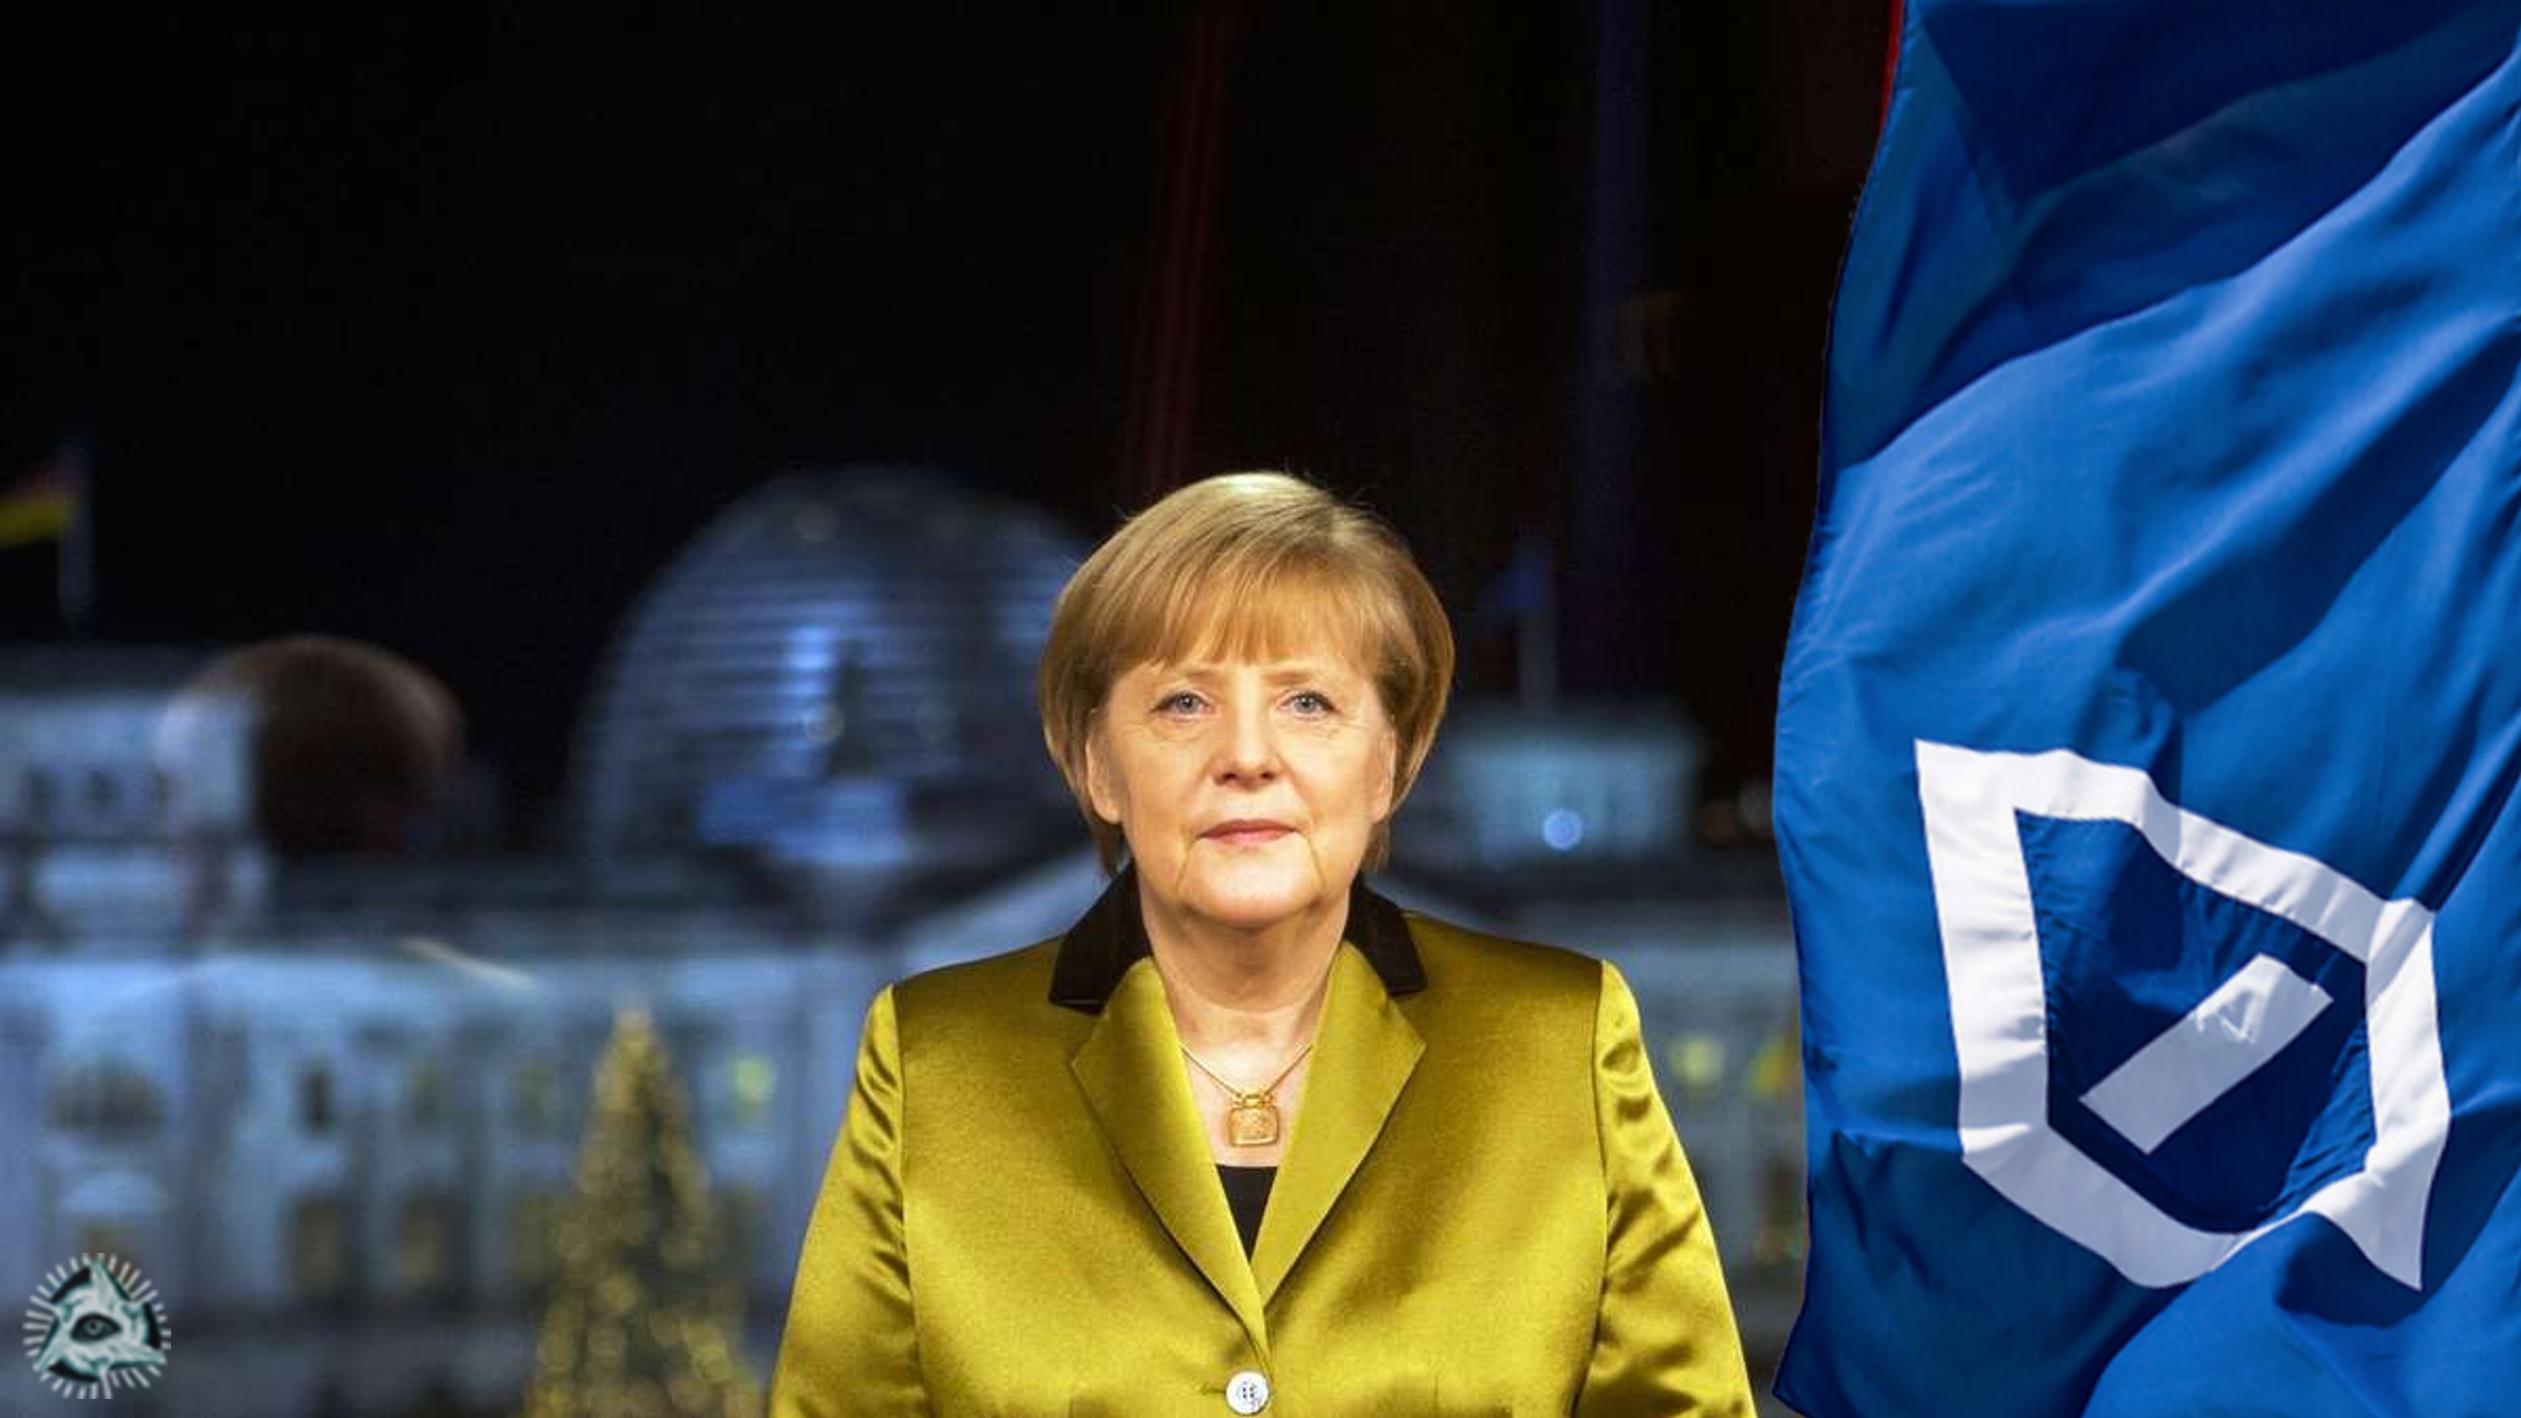 el Ðeµtsch€' se hace una redada Neujahrsansprache-2013-merkel-deutsche-Bank